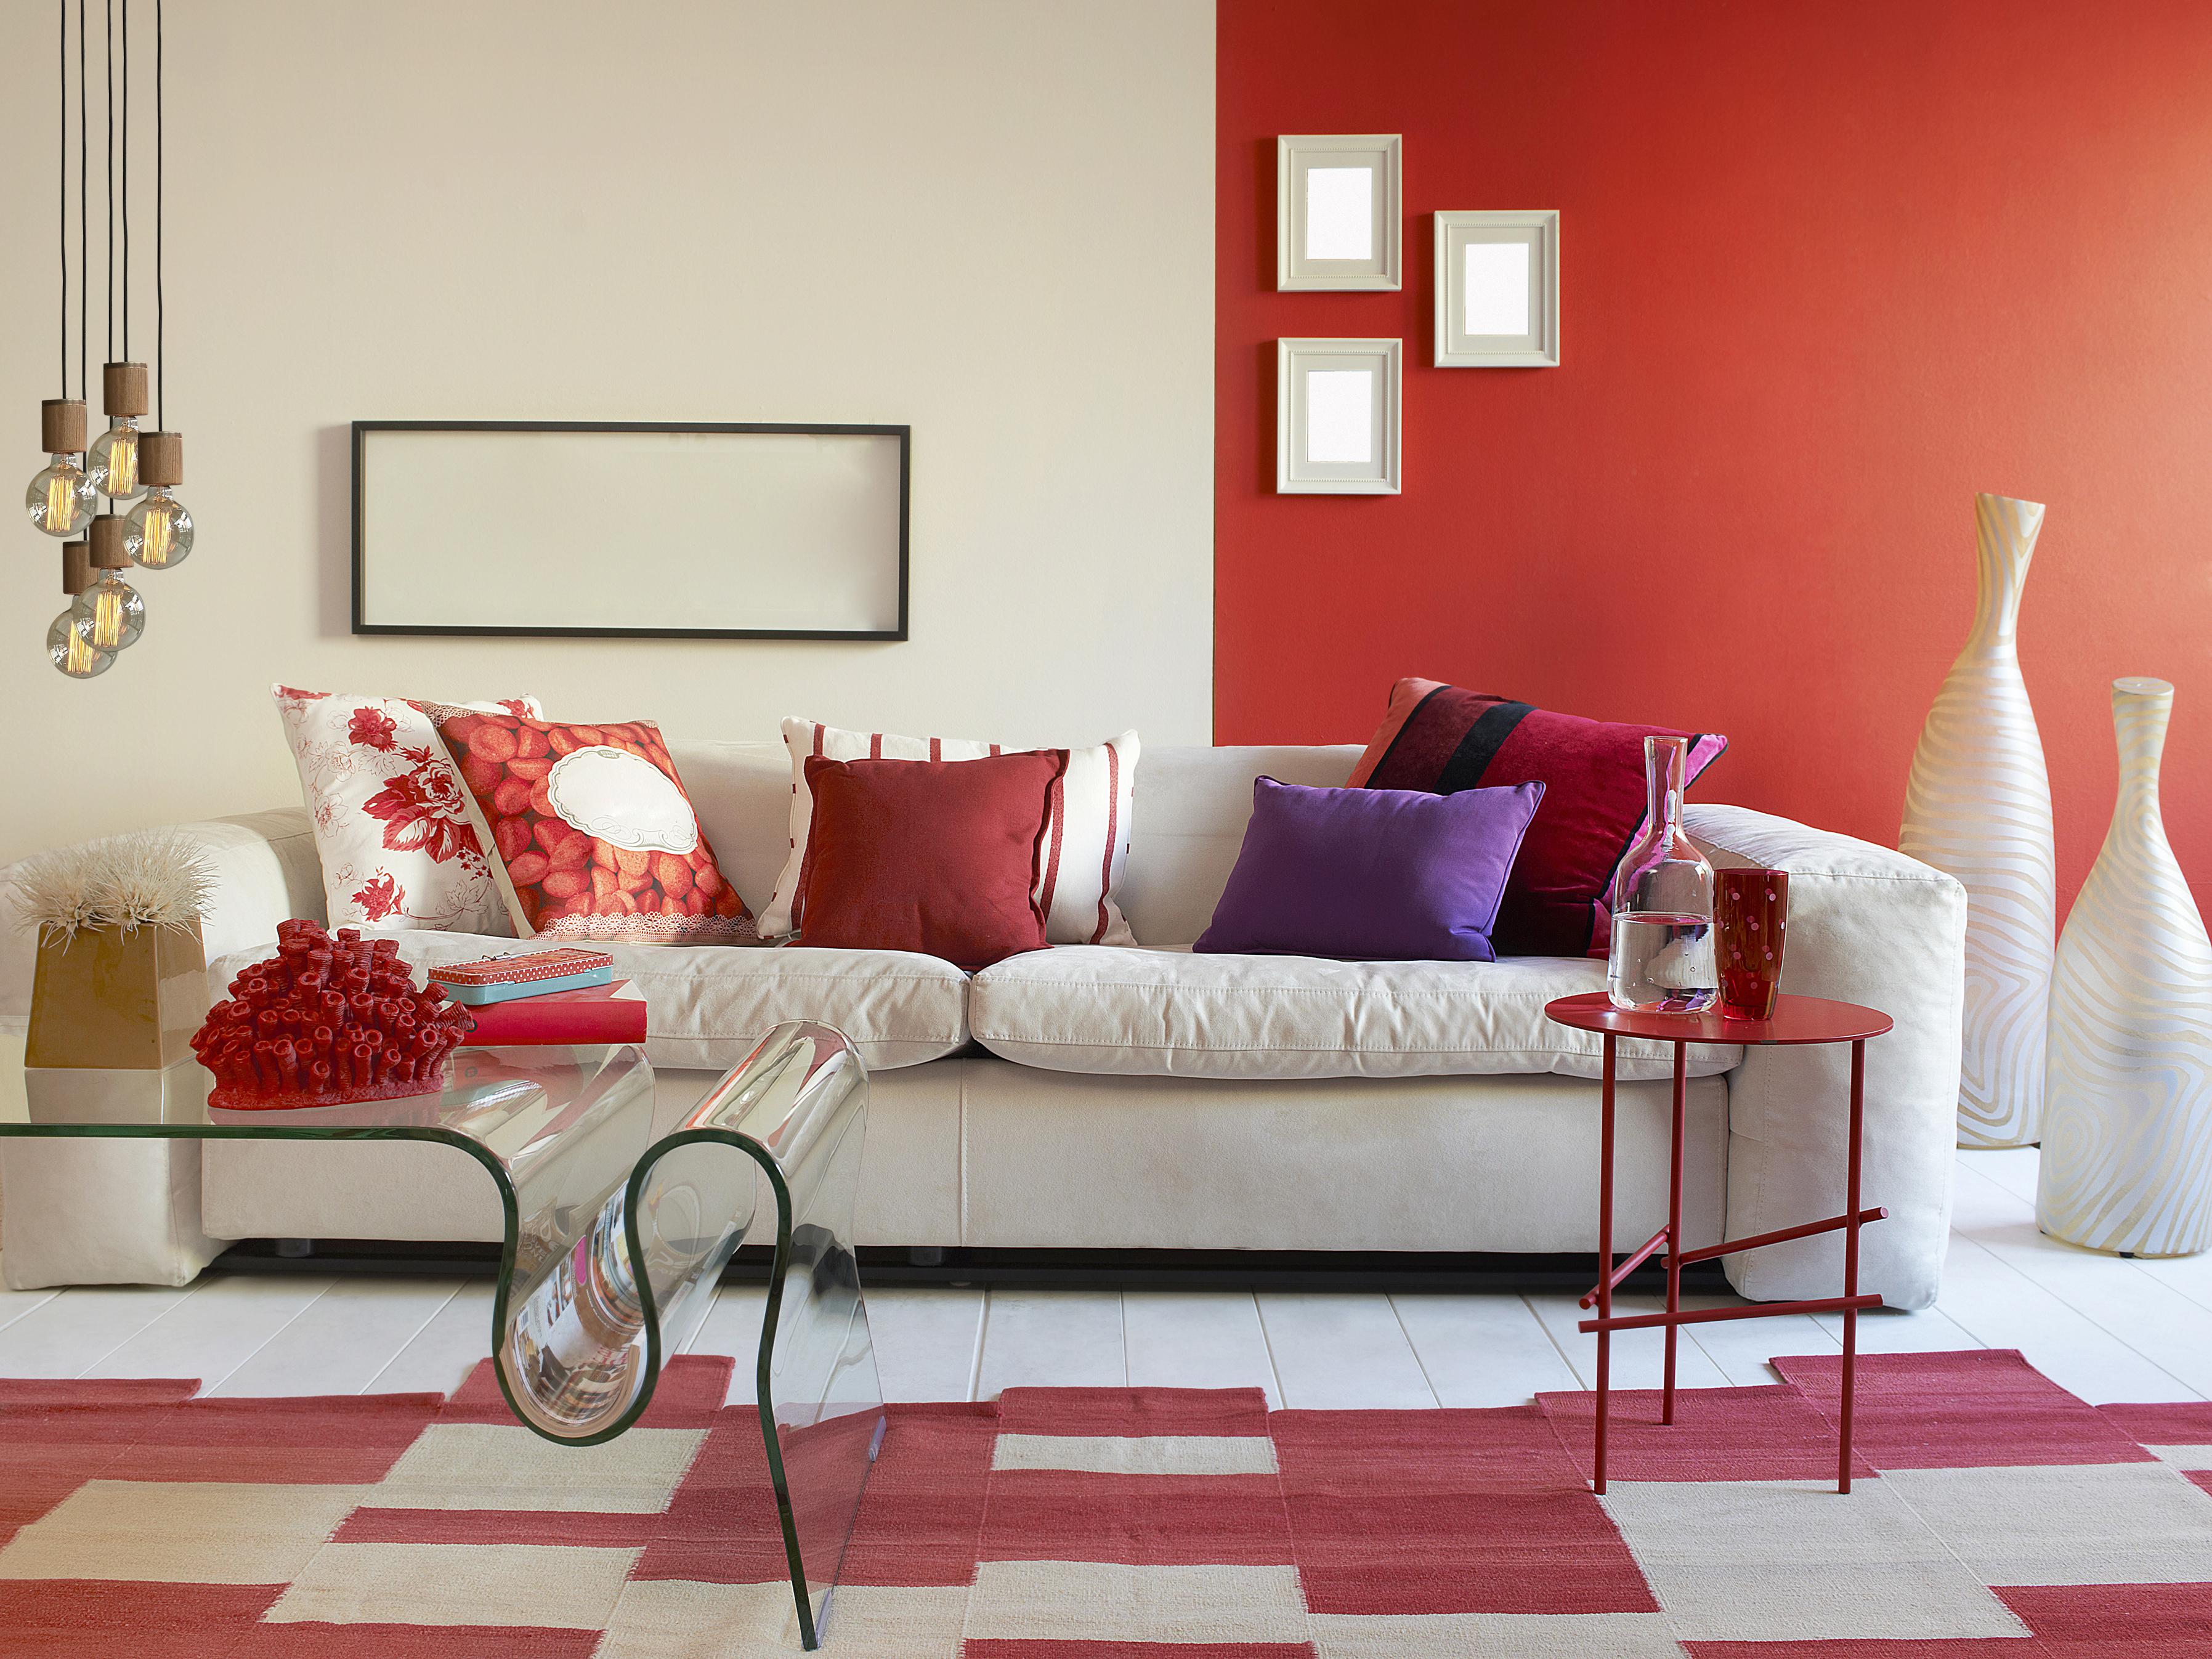 Красно-бежевый ковер на белом полу